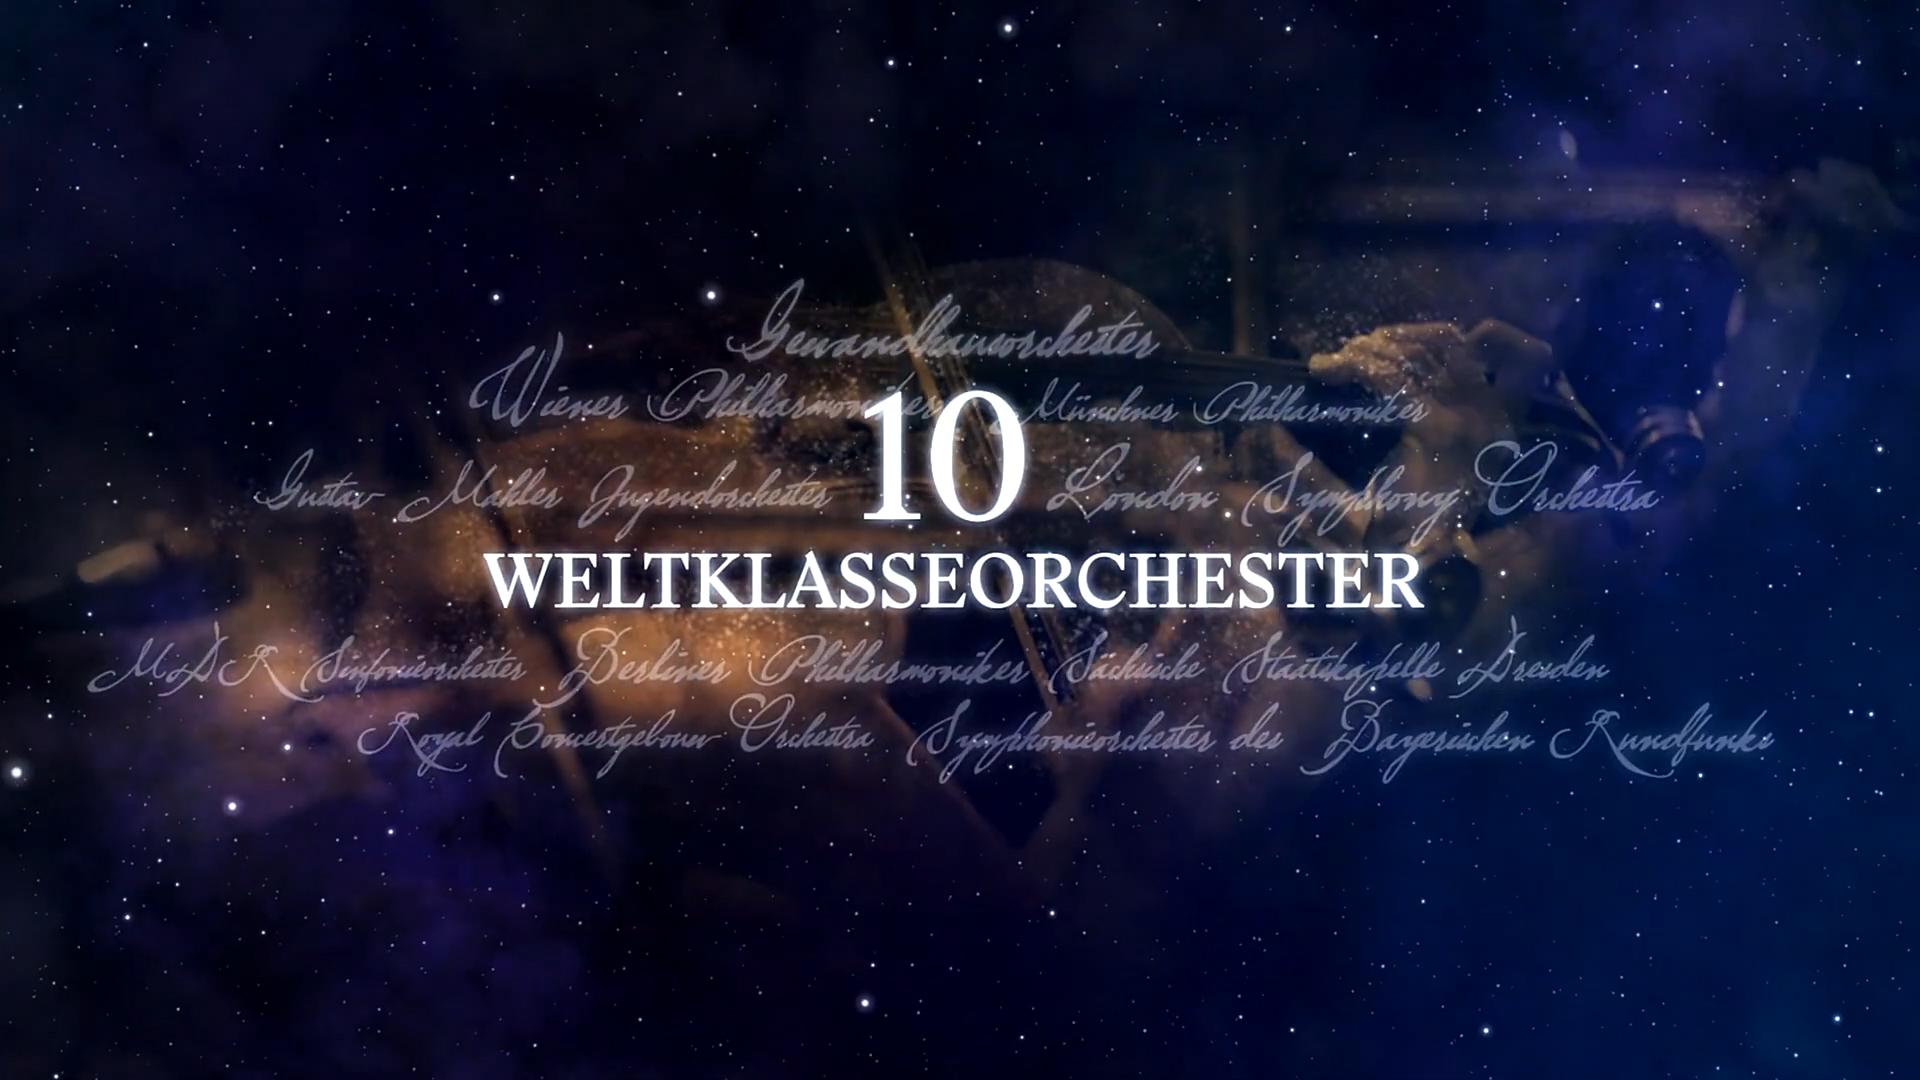 Animation Film Filmproduktion Videoproduktion Leipzig Mahler Festival twosyde